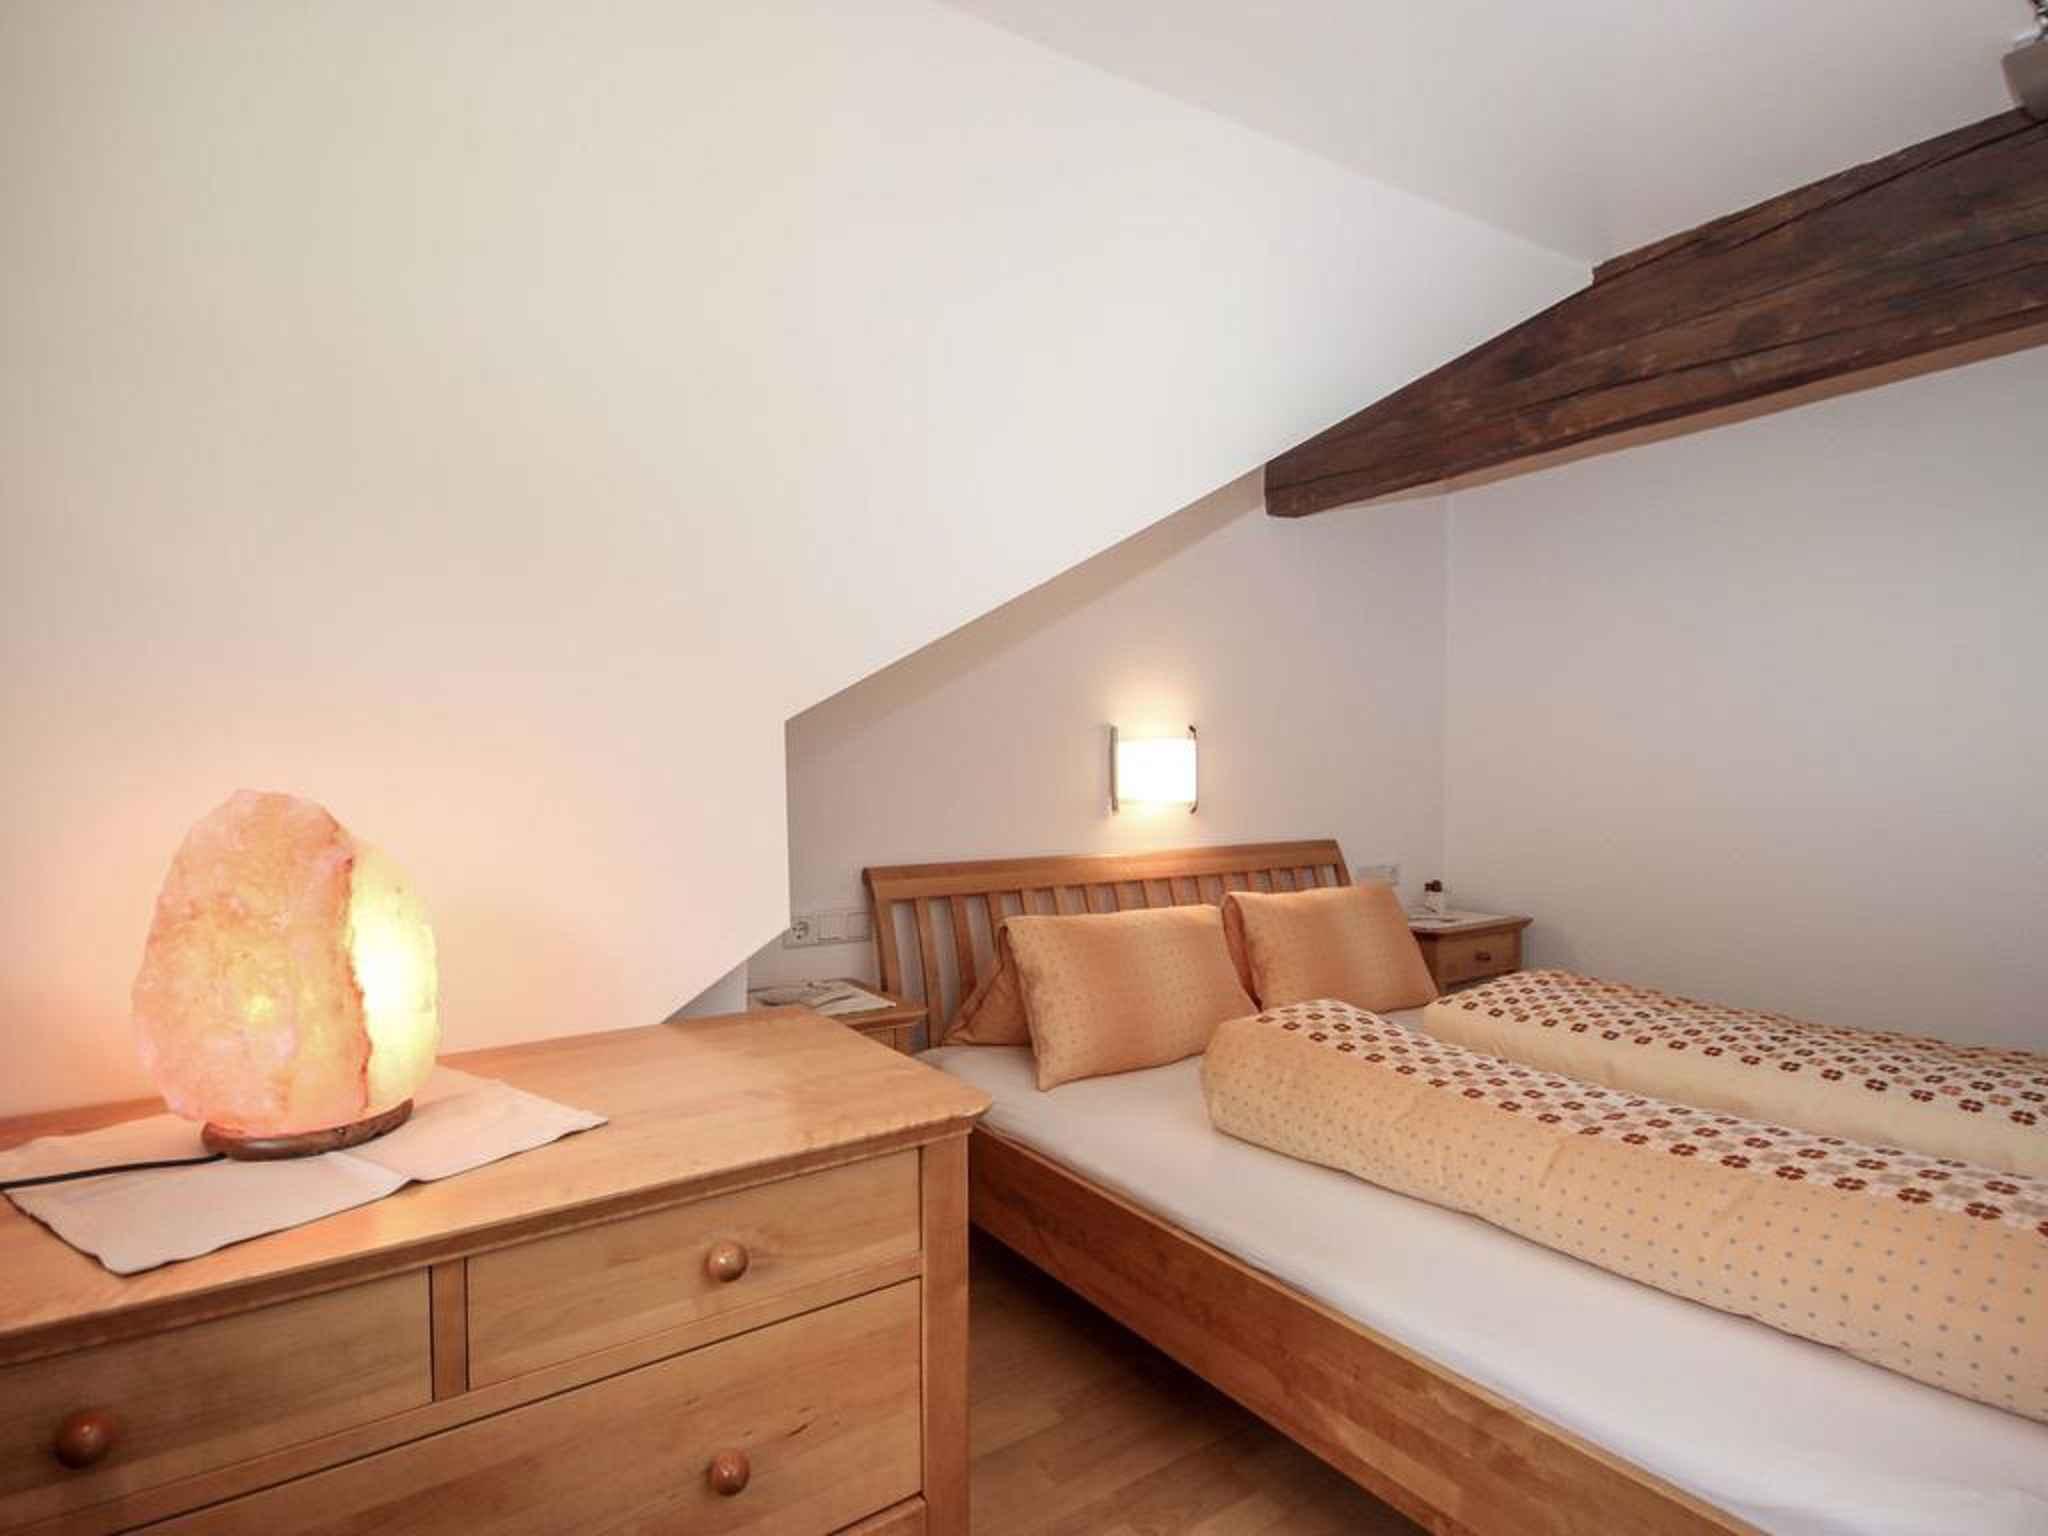 Ferienwohnung in einem über 300 Jahre alten Holzhaus (283708), Sölden (AT), Ötztal, Tirol, Österreich, Bild 21